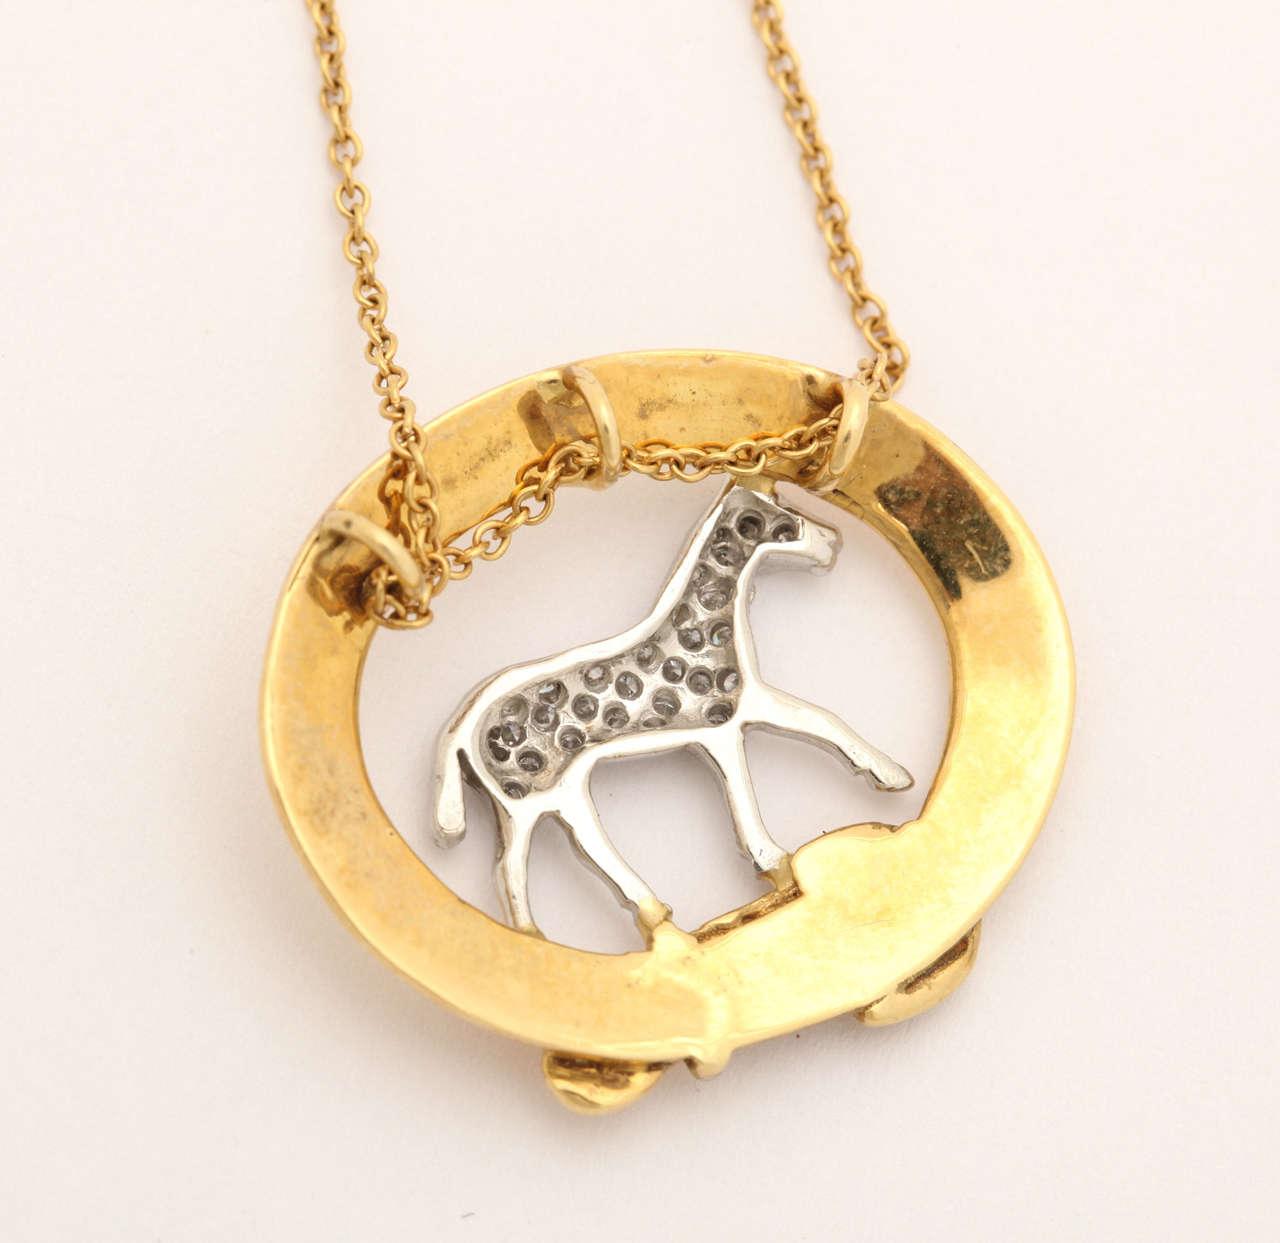 Contemporary Diamond Equestrian Horse Pendant For Sale